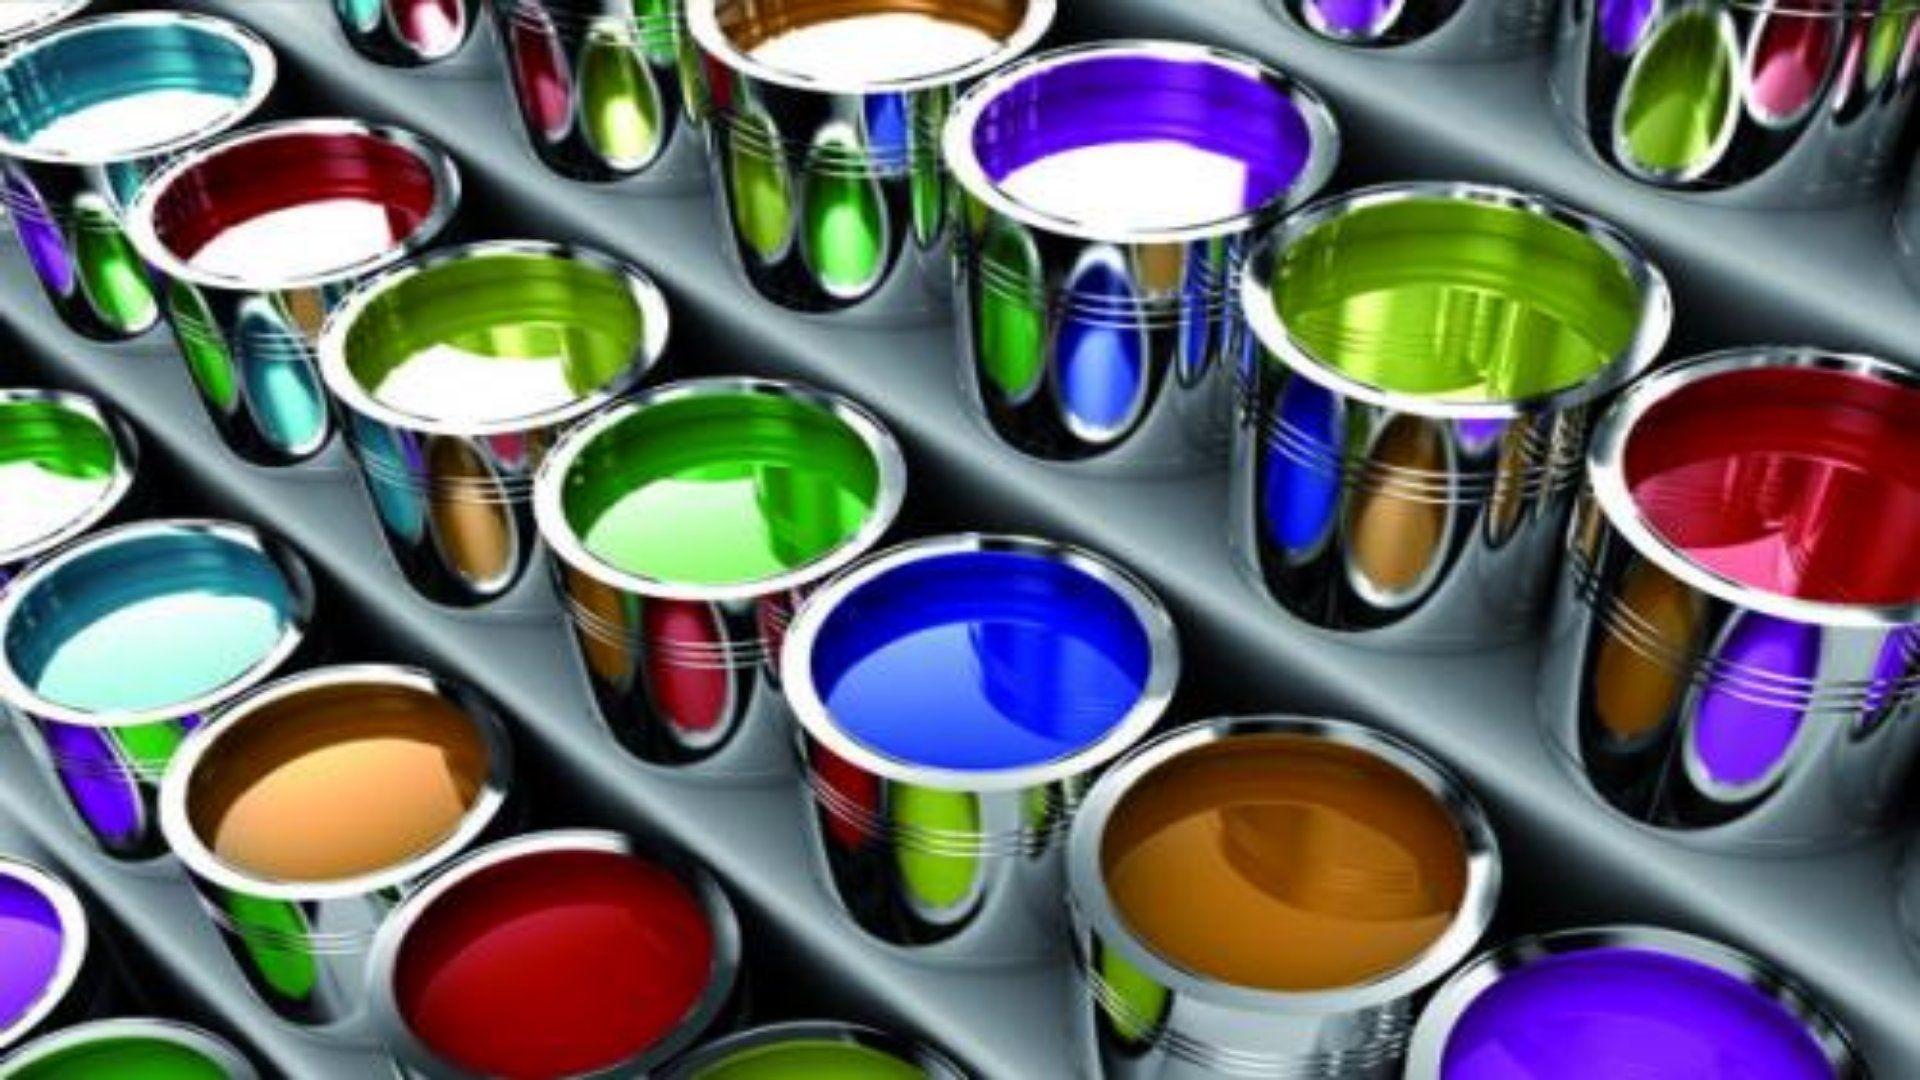 venta-de-pintura-a-profesionales-y-particulares-en-granada